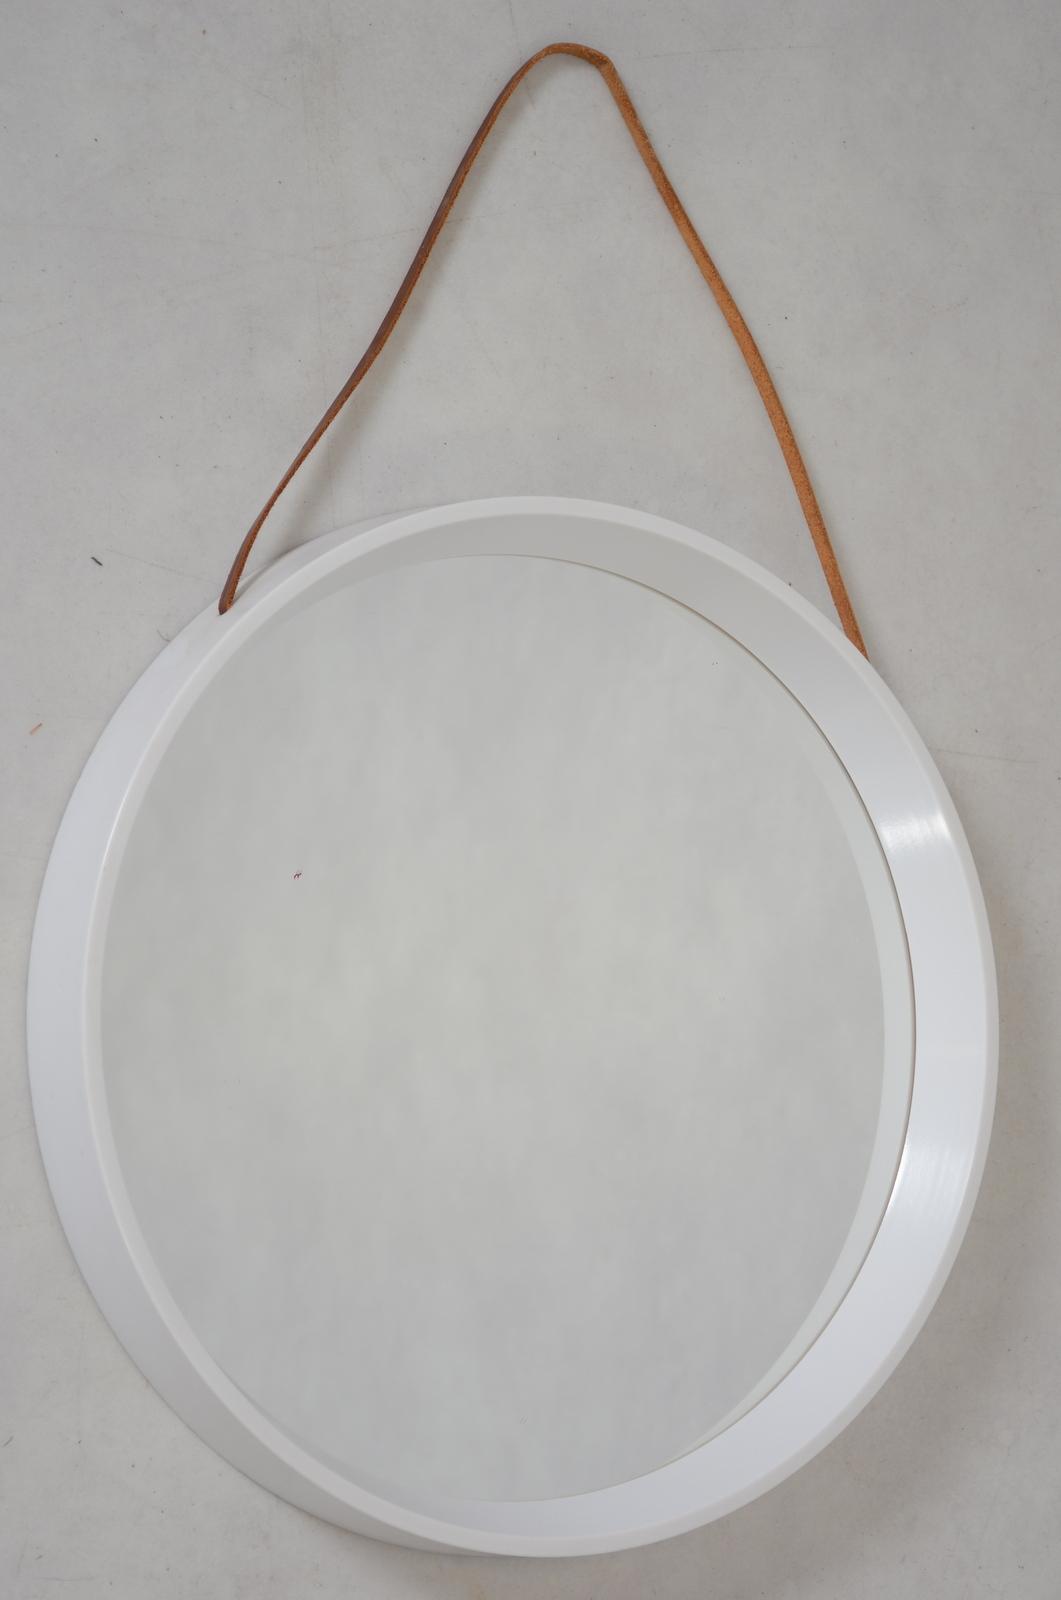 Strålande SPEGEL, vit plast, 1970-tal. Speglar - Auctionet OB-94